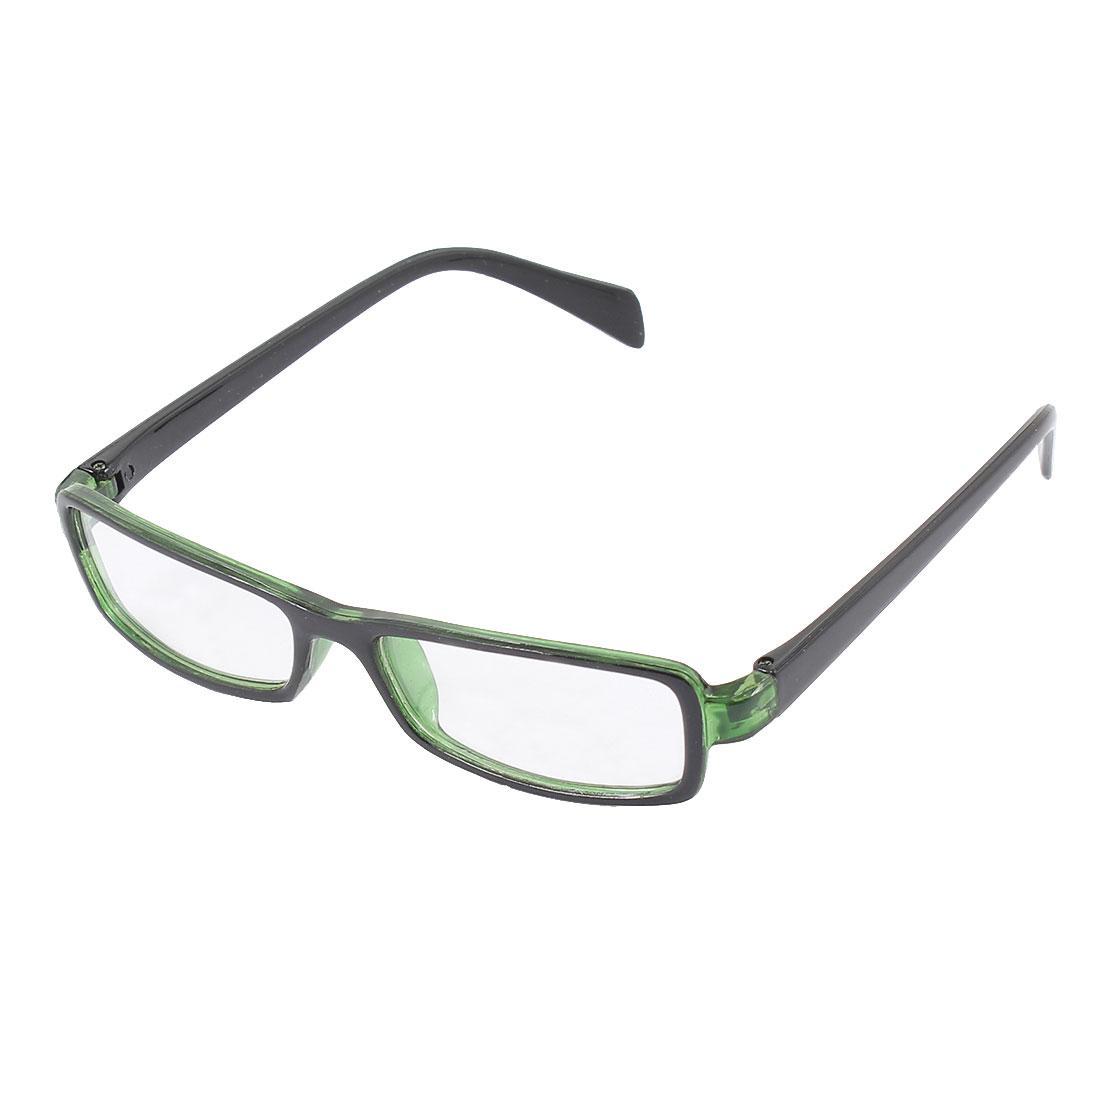 Plastic Full Rectangle Frame Lens Plain Eyeglasses Fashion Glasses Green Black